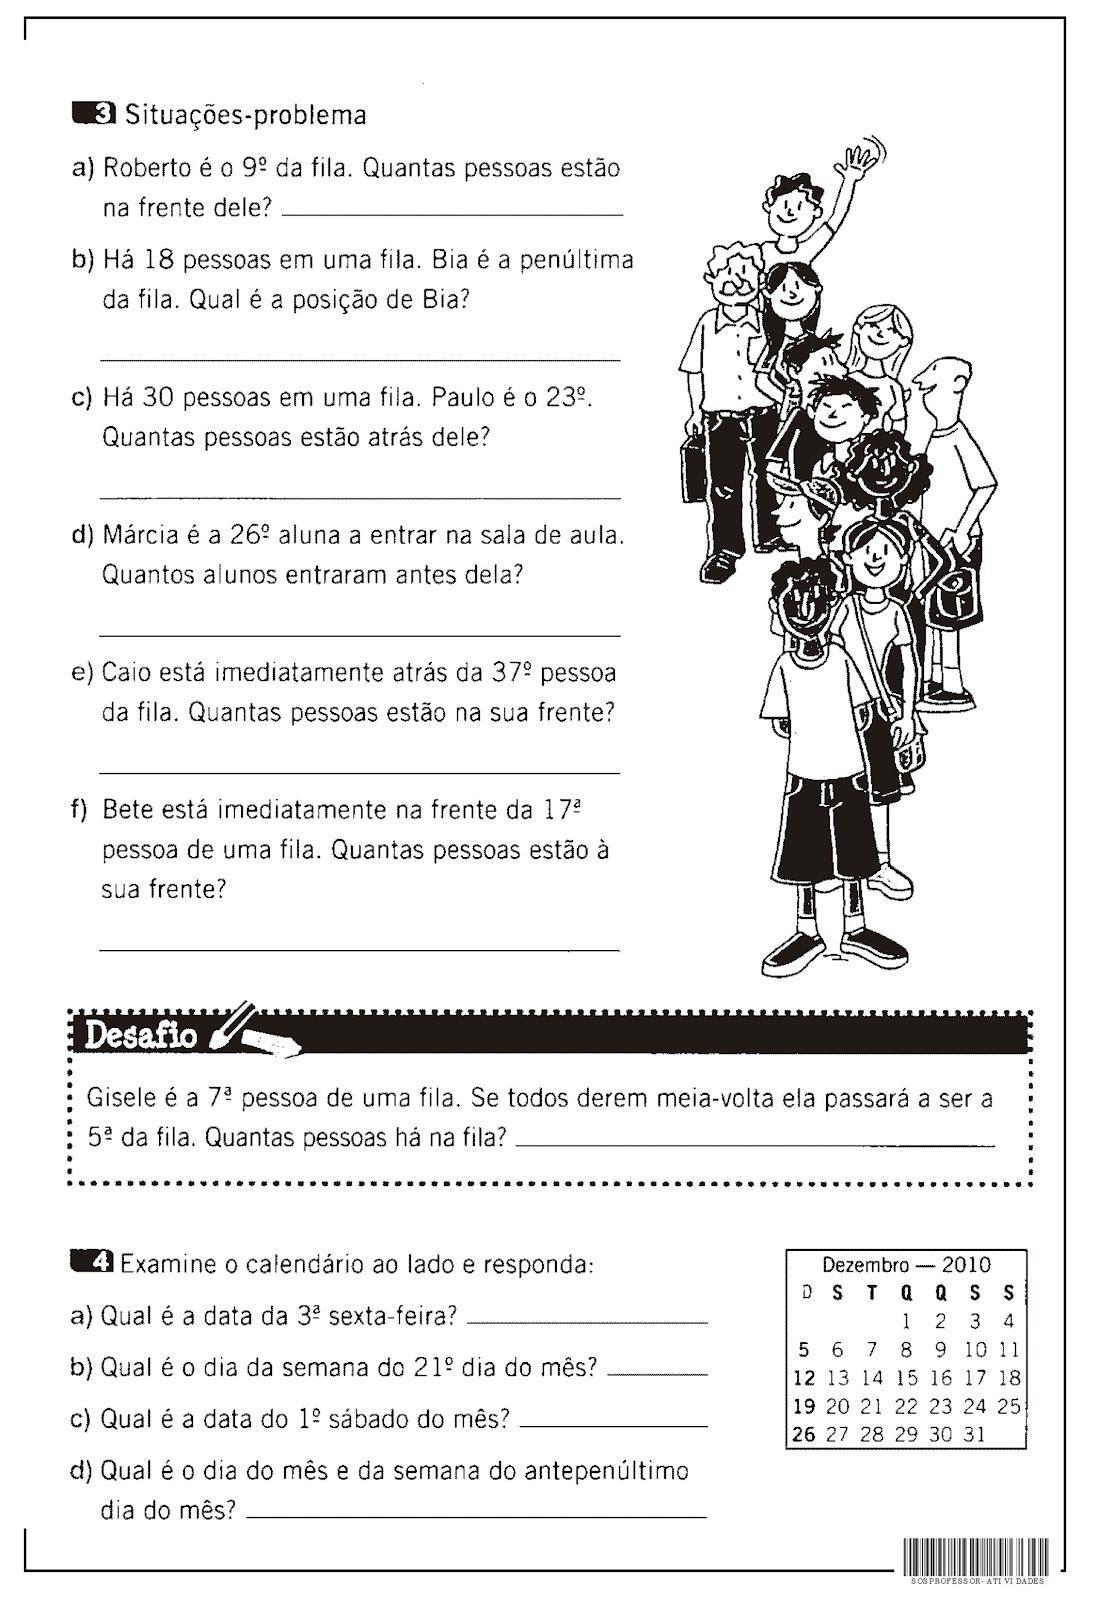 Pin De Geo Paixao Em Pasta Matematica Numeros Ordinais